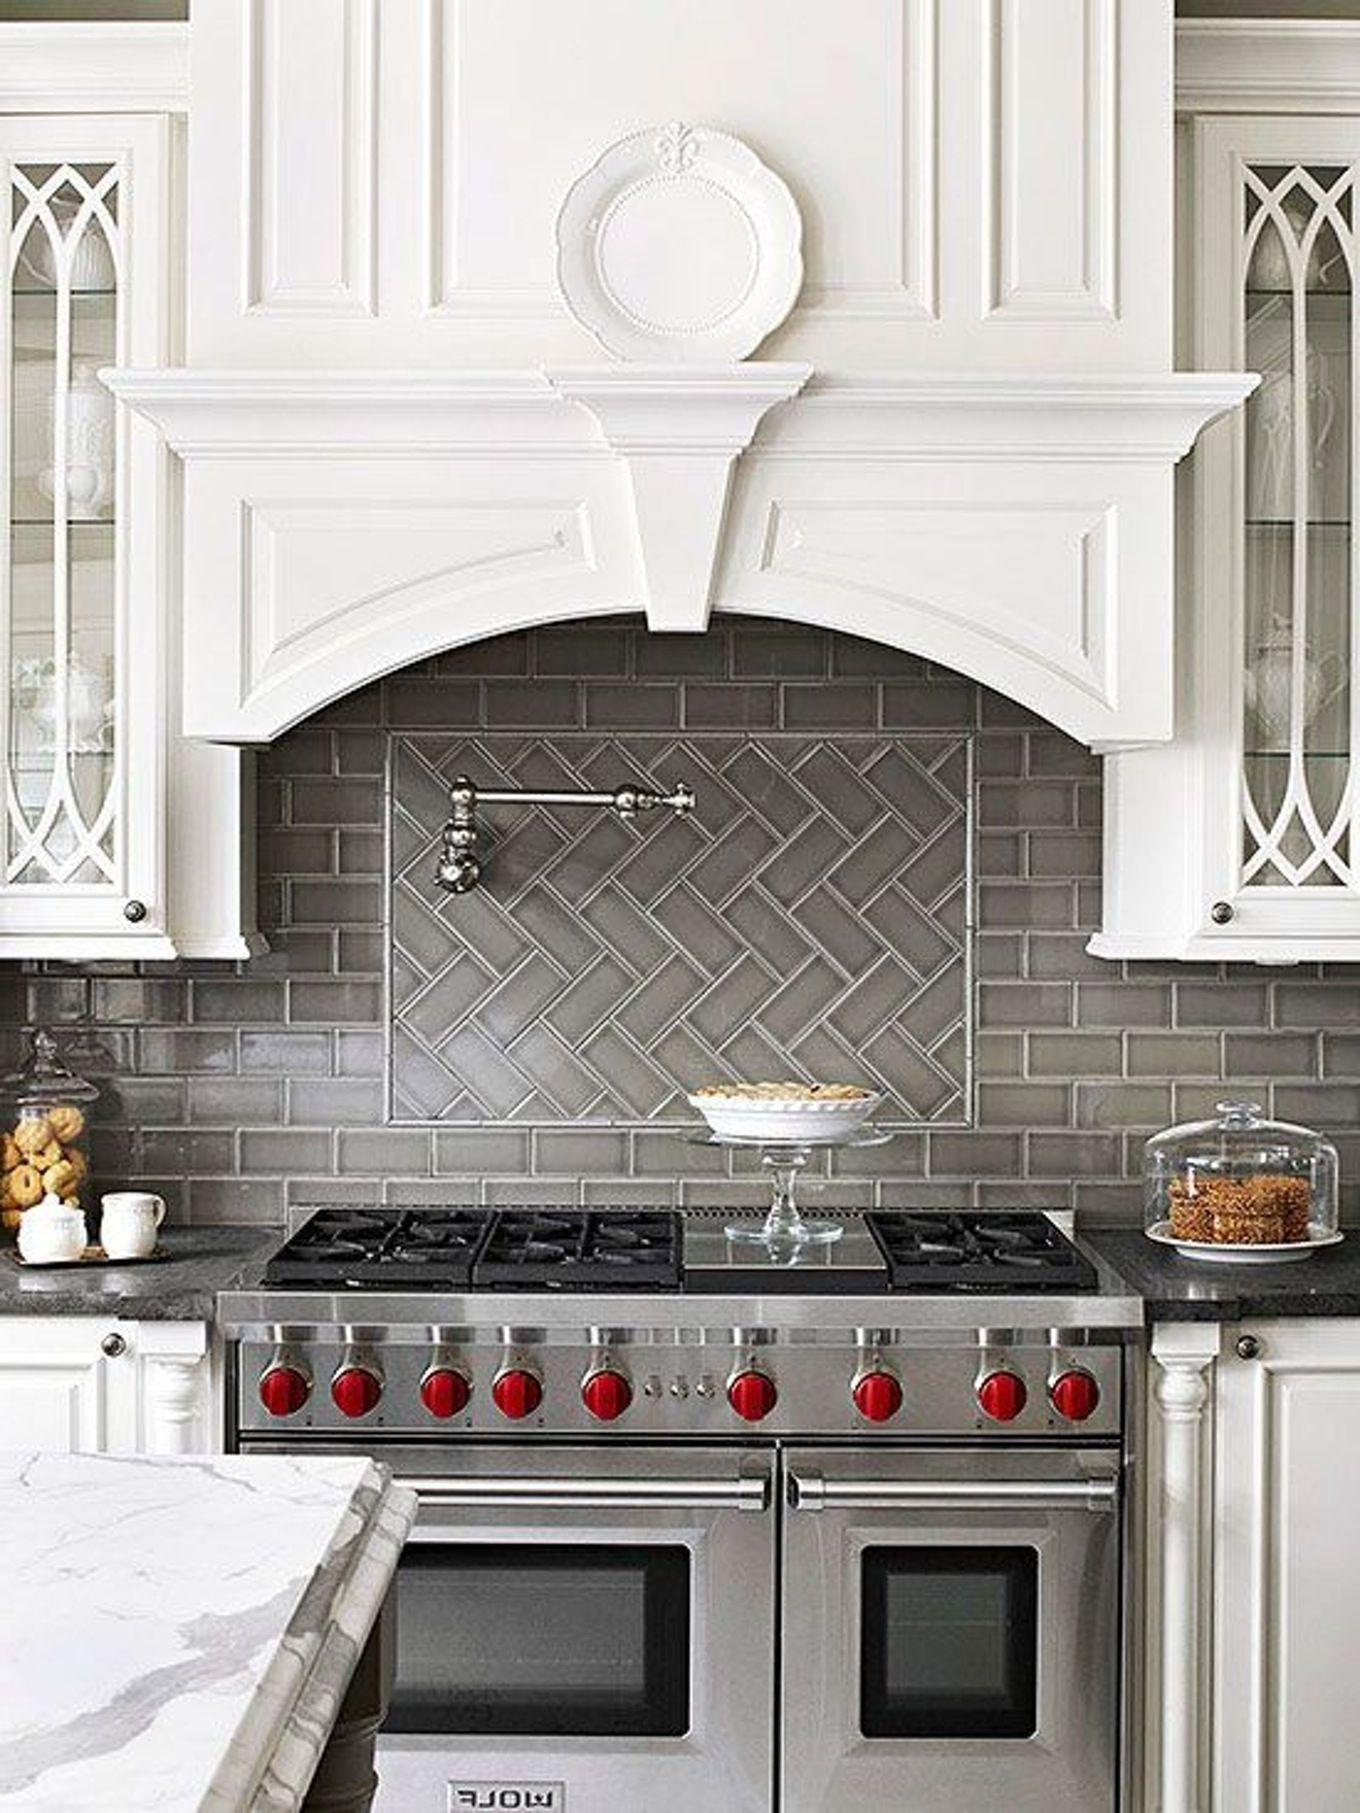 12 new kitchen ideas kitchen design